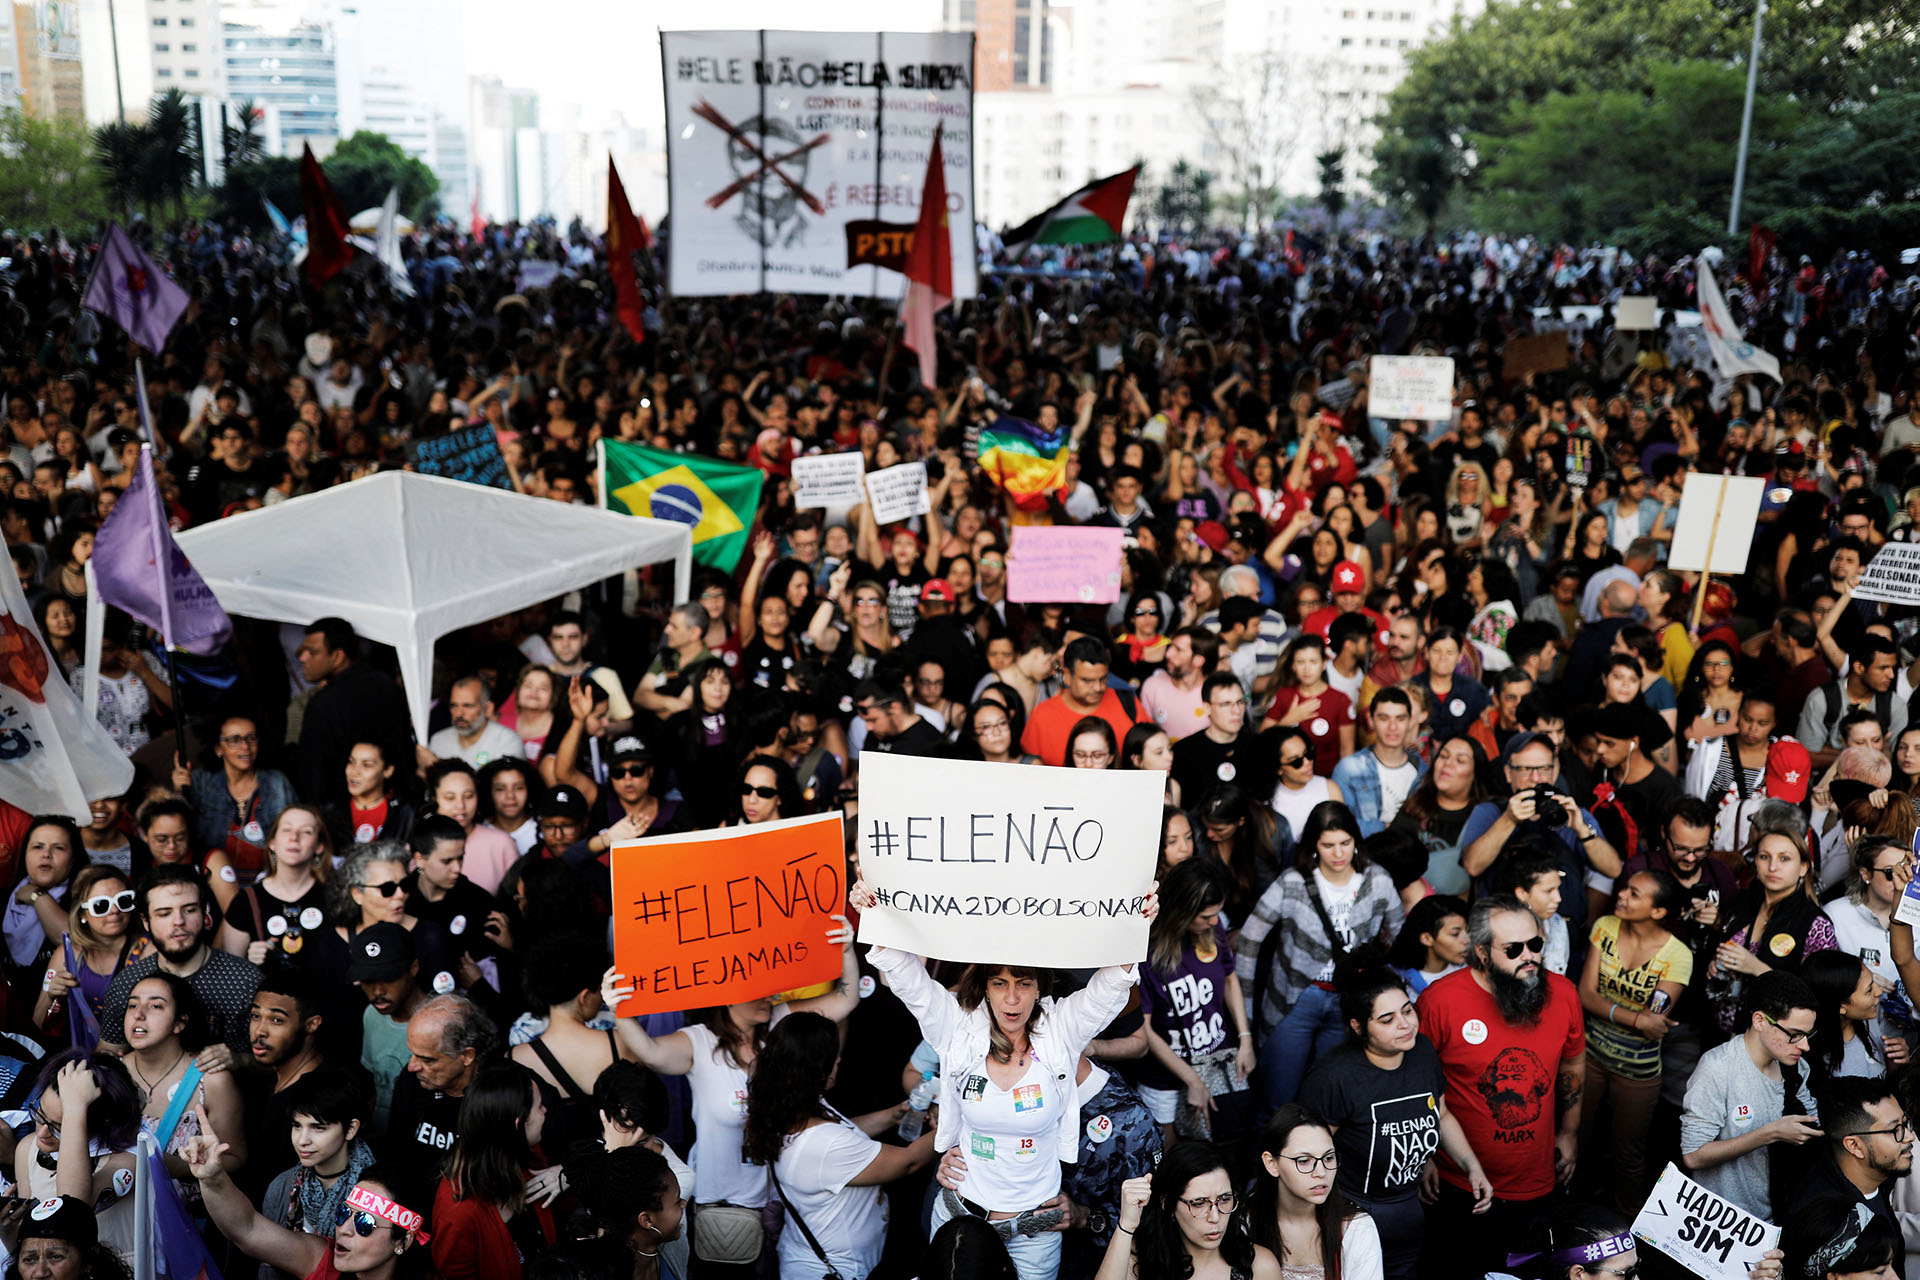 Bolsonaro, aún convaleciente de la puñalada que sufrió a principios de septiembre durante un mitin electoral, ha rechazado acudir a los debates televisados con Haddad, a pesar de haber sido liberado por su equipo médico para poder participar en los mismos